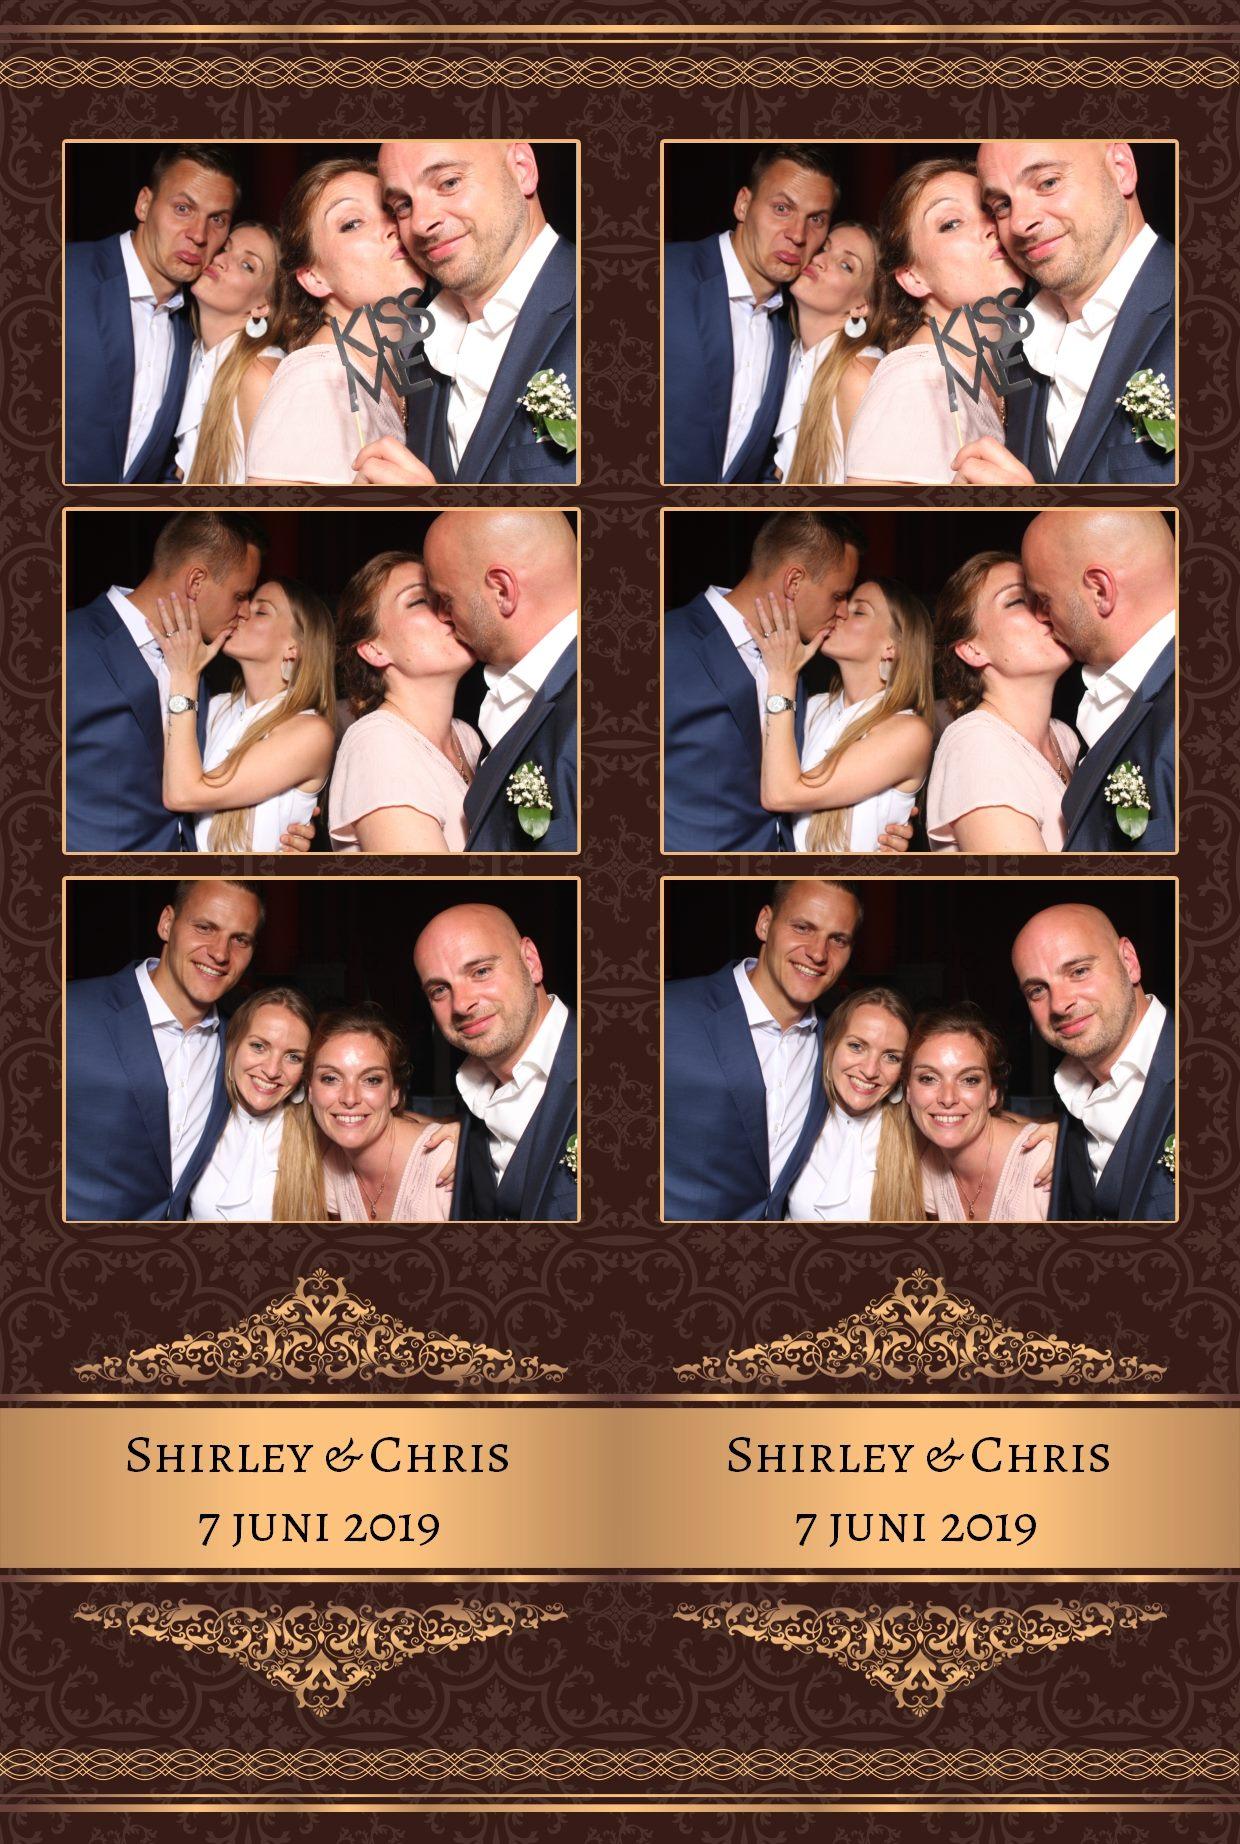 verhuur photobooth huwelijk